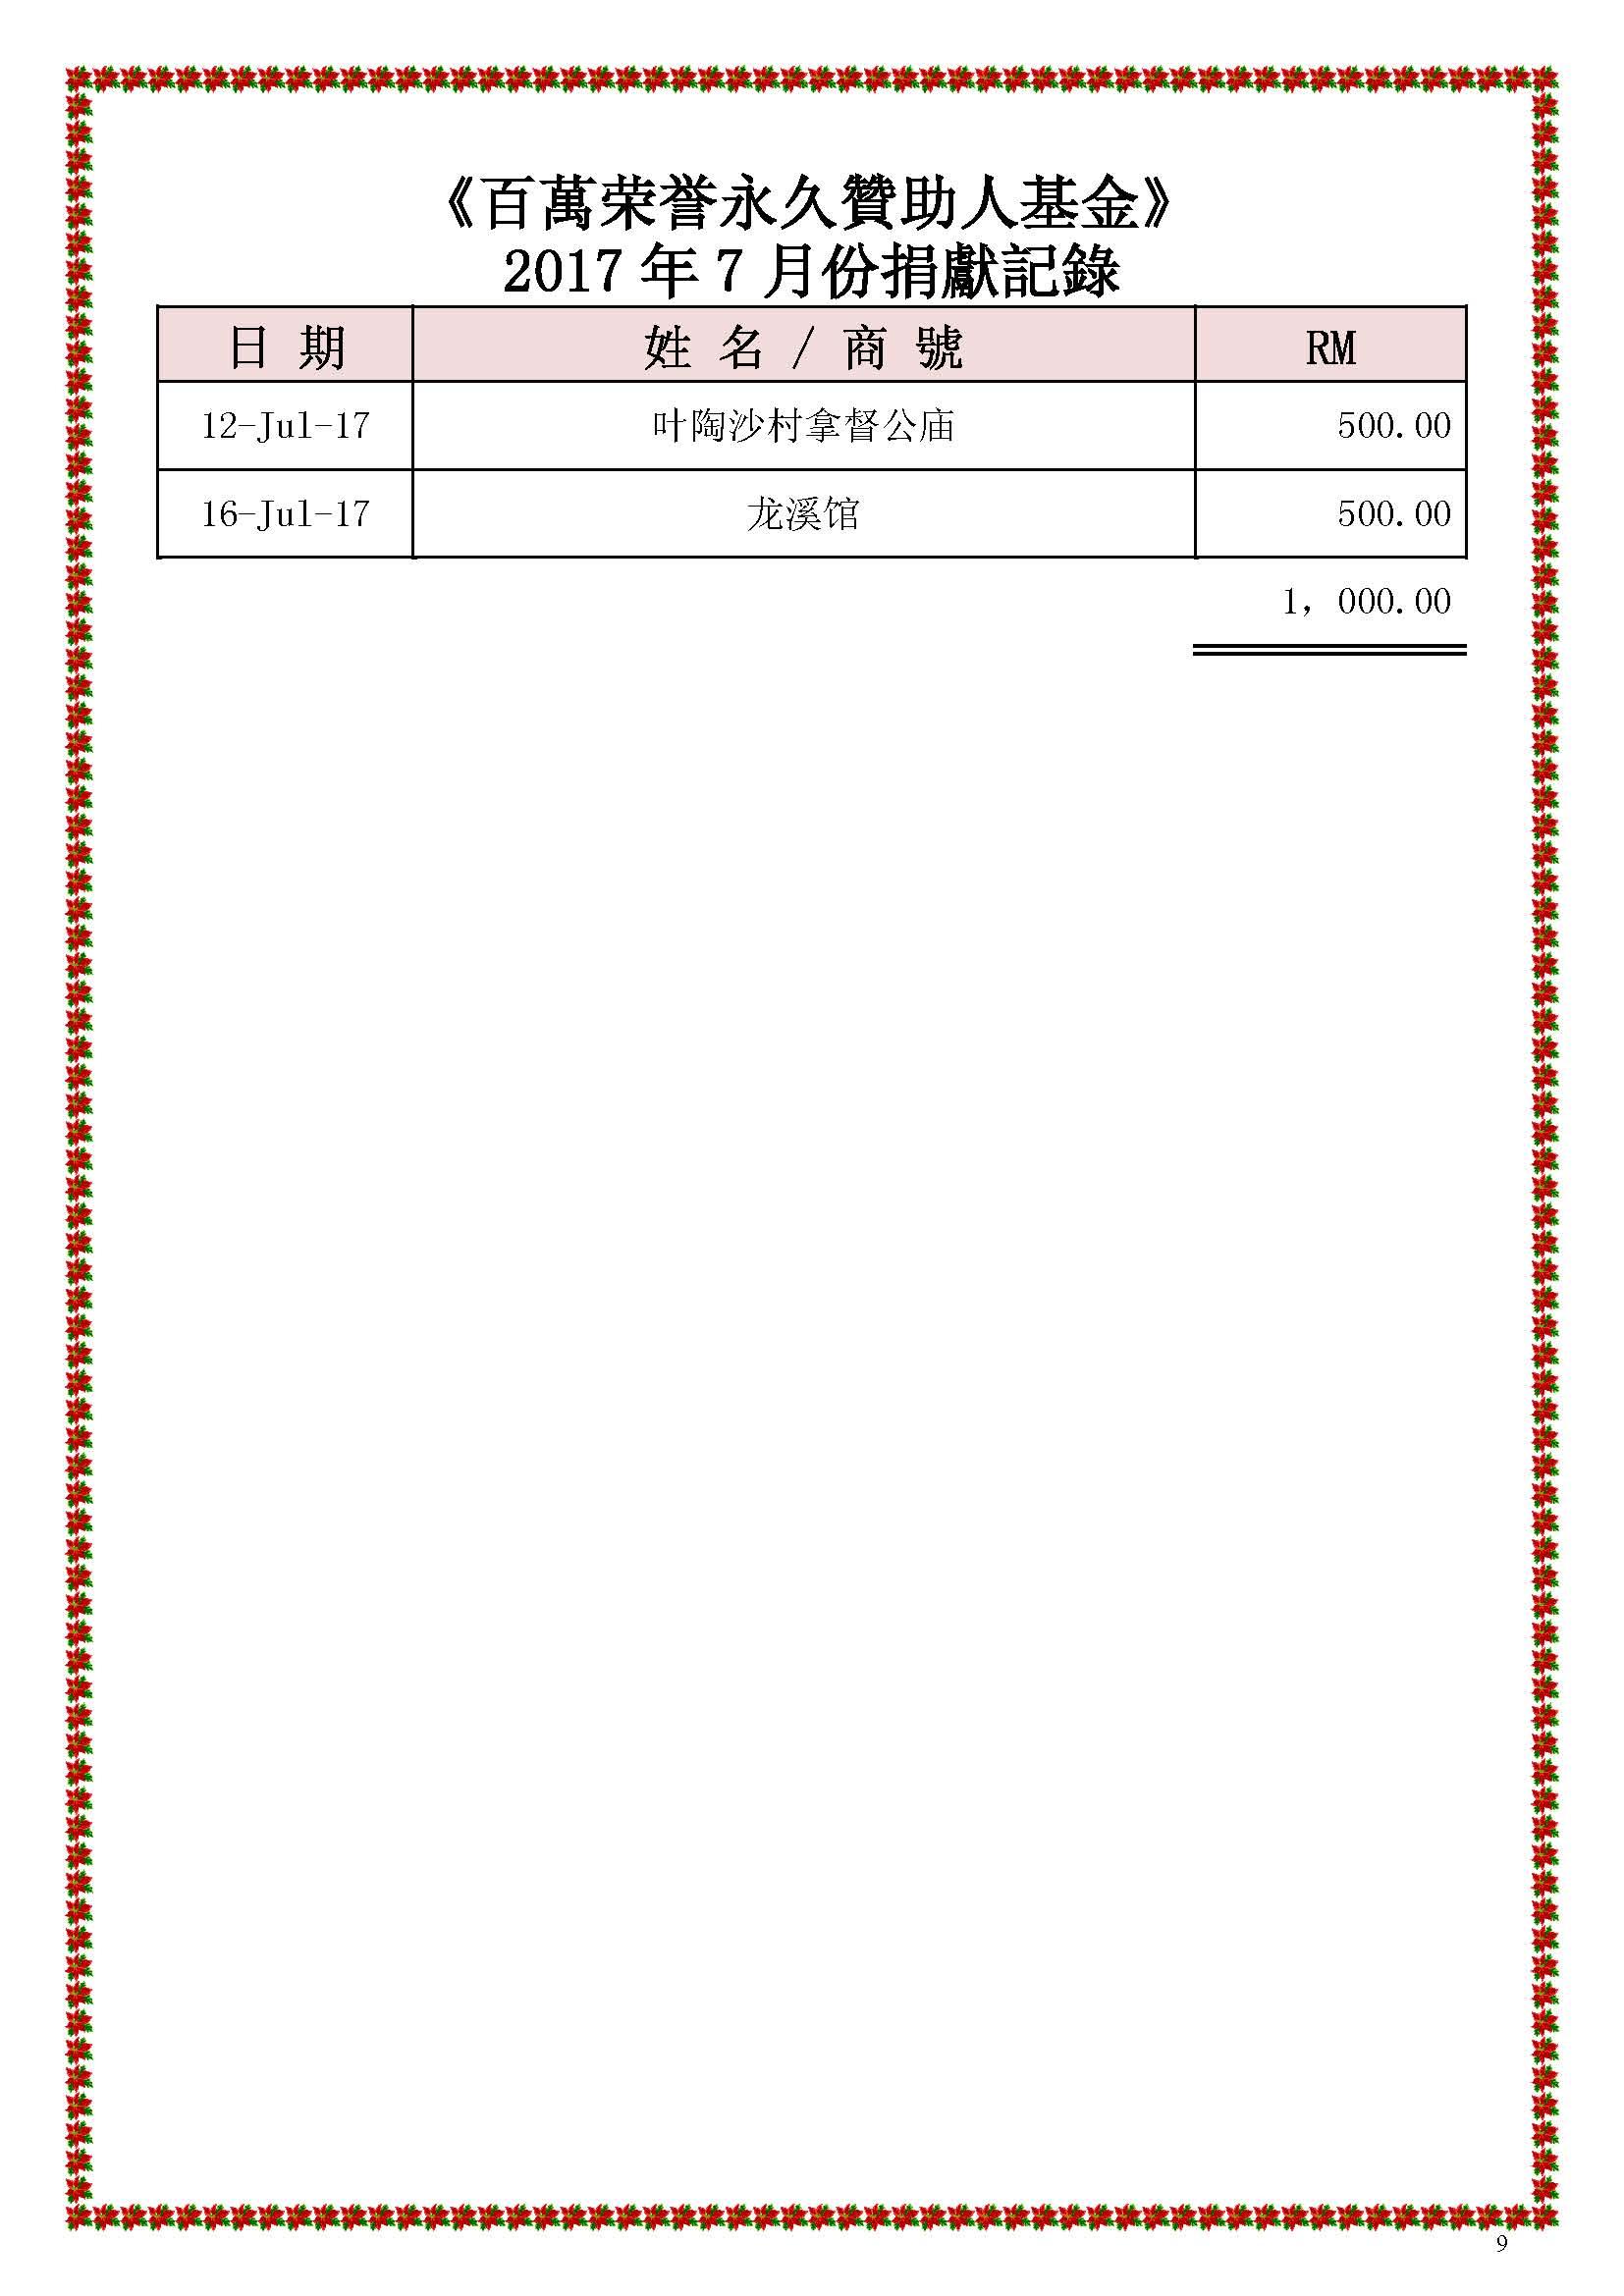 2017年7月份捐獻記錄PDF_页面_09